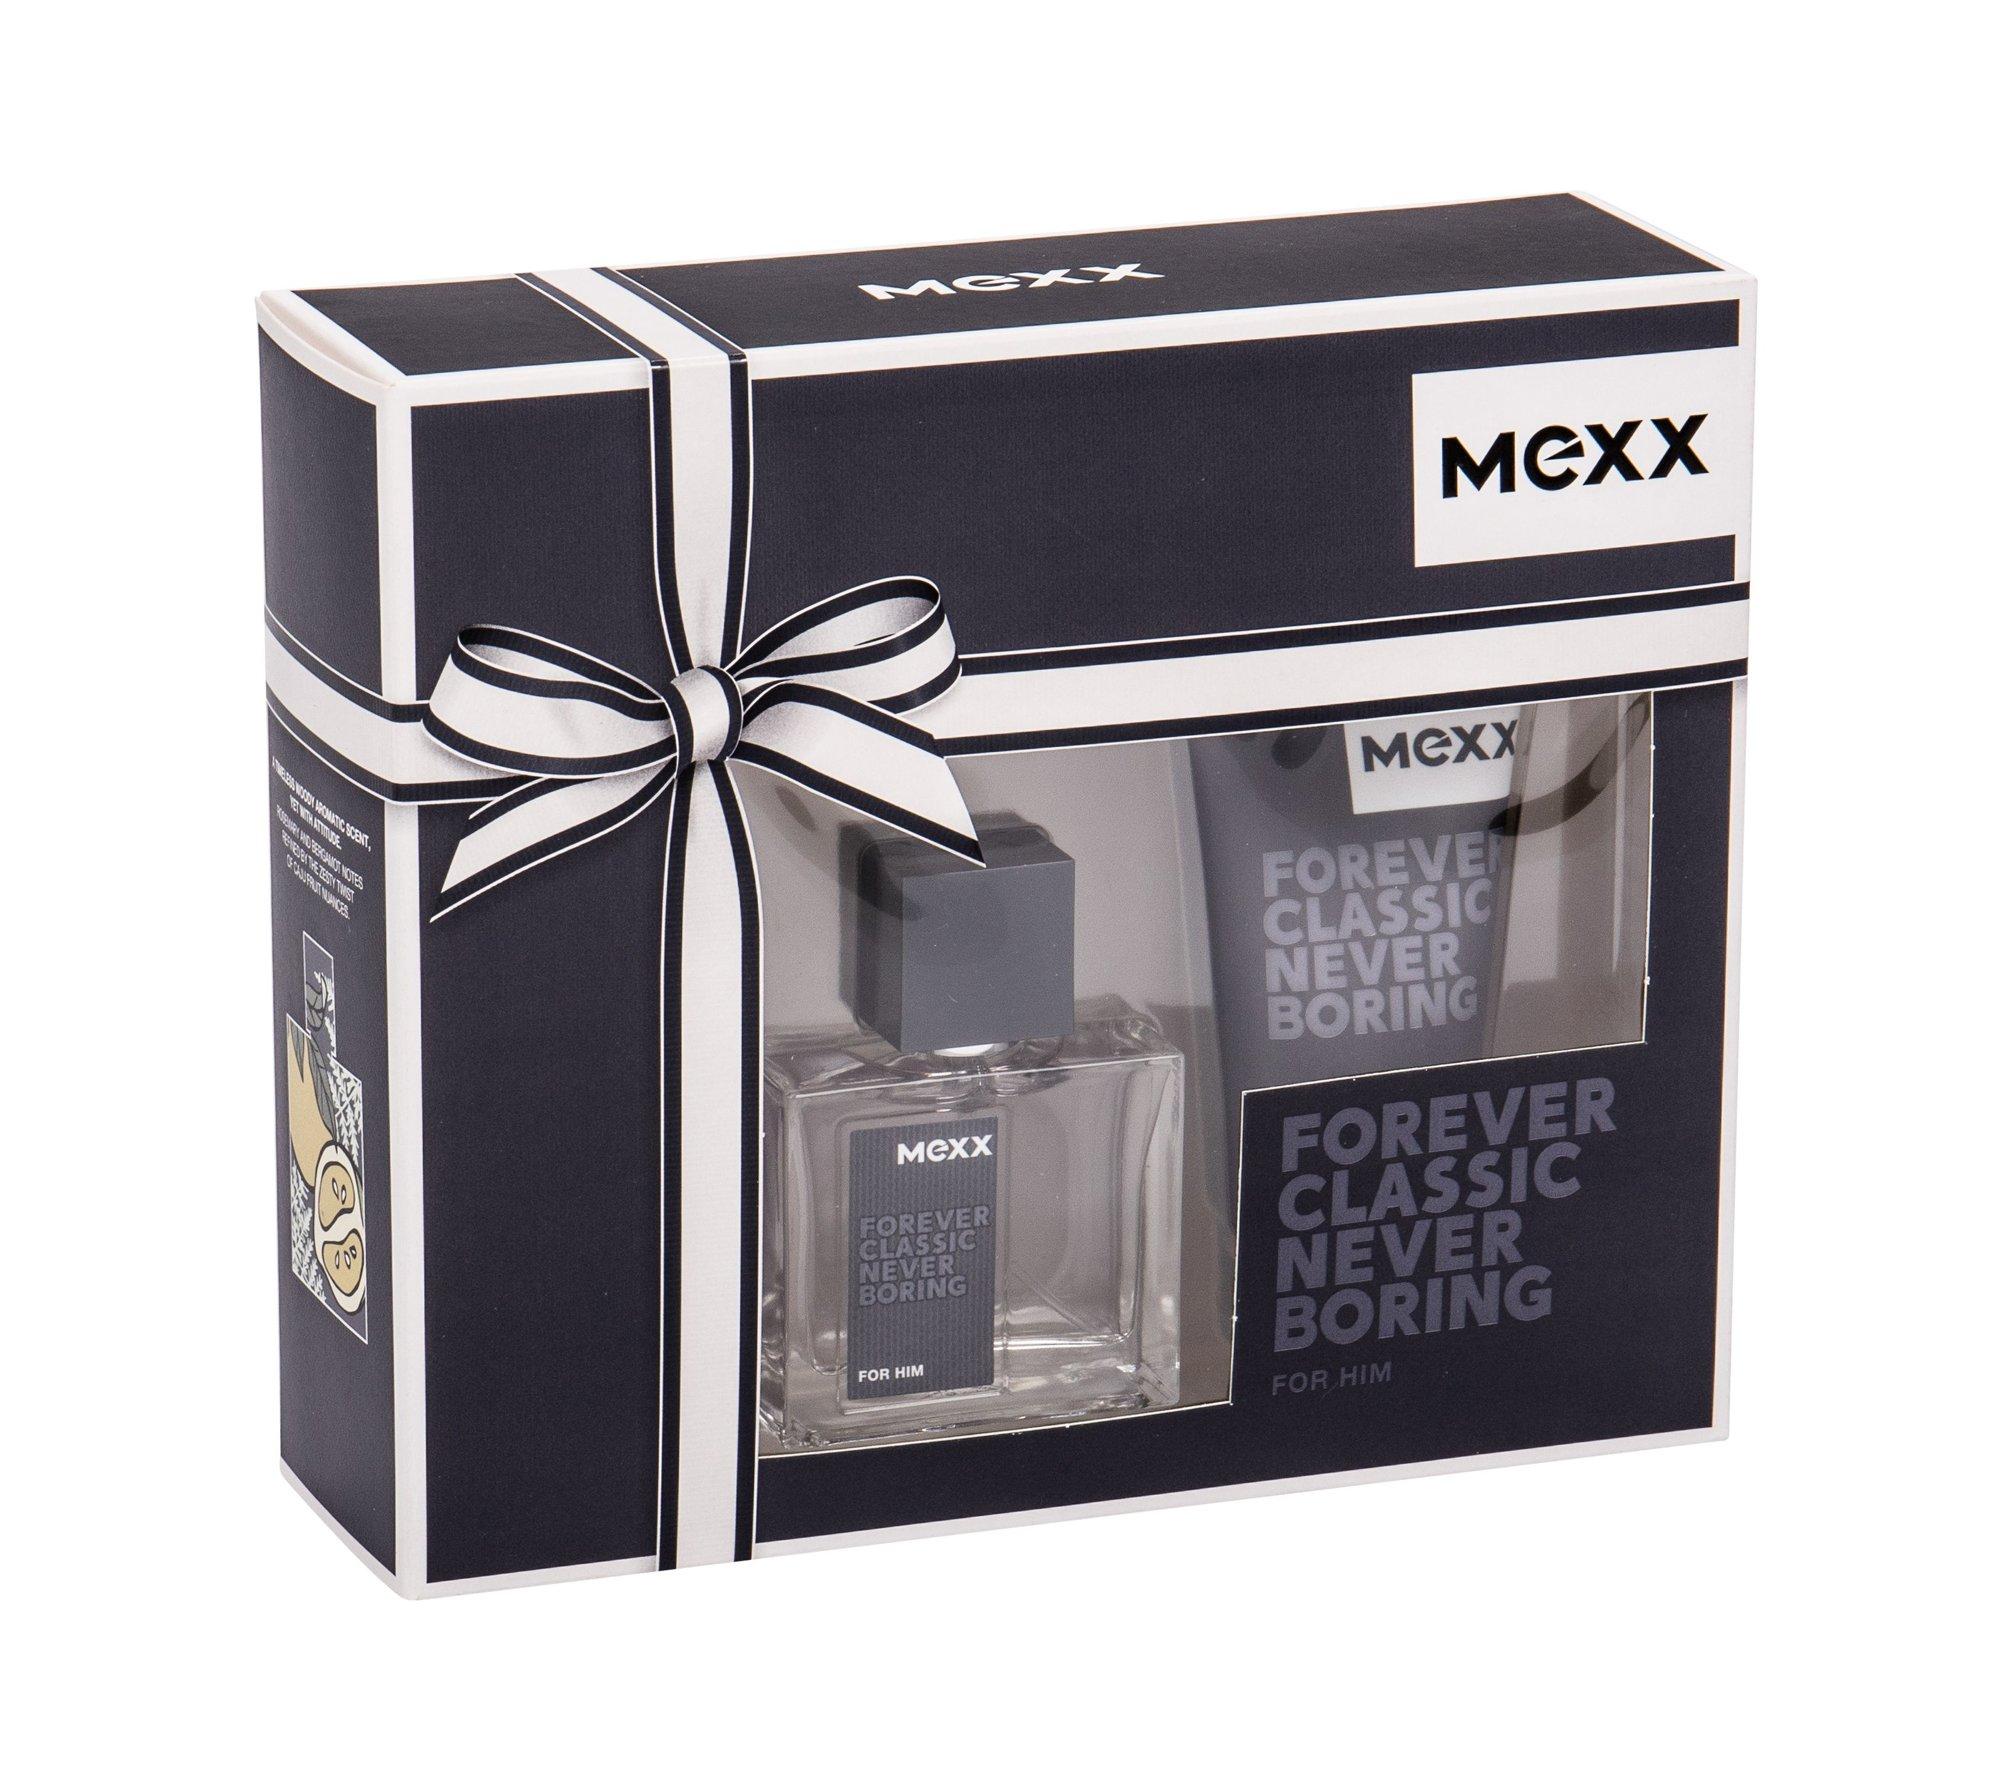 Mexx Forever Classic Never Boring Eau de Toilette 30ml